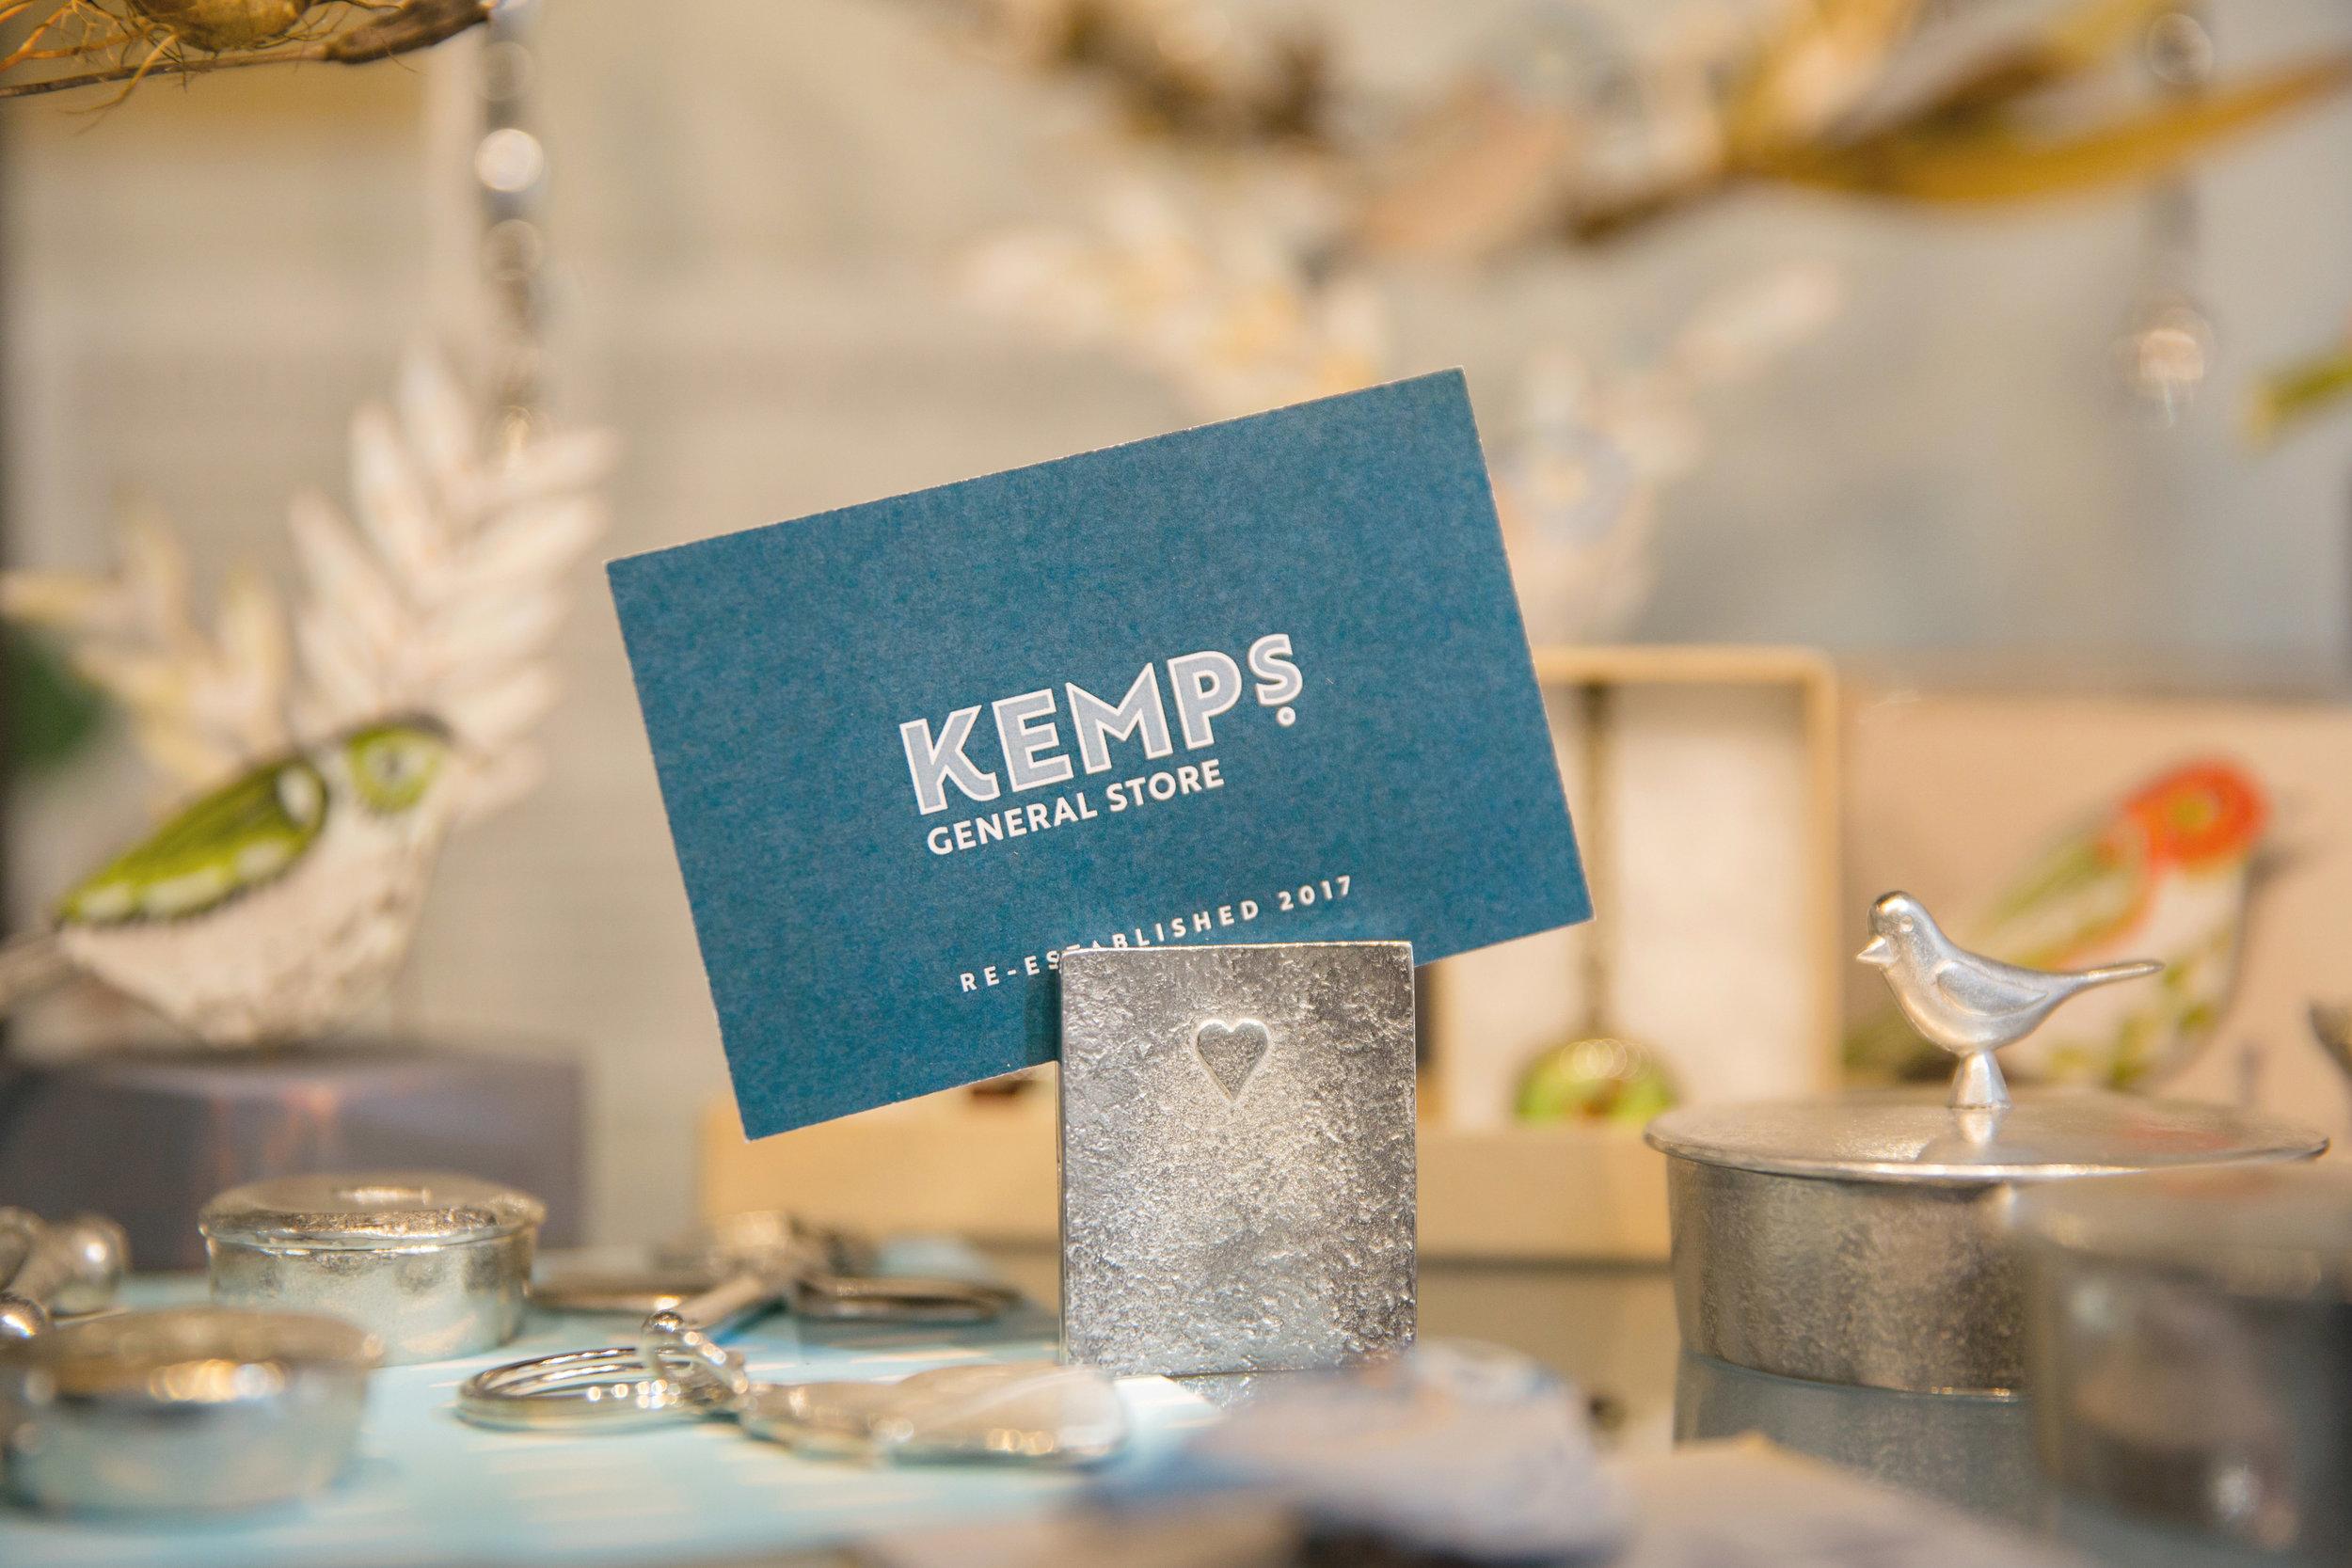 kemps-general-store-016.jpg